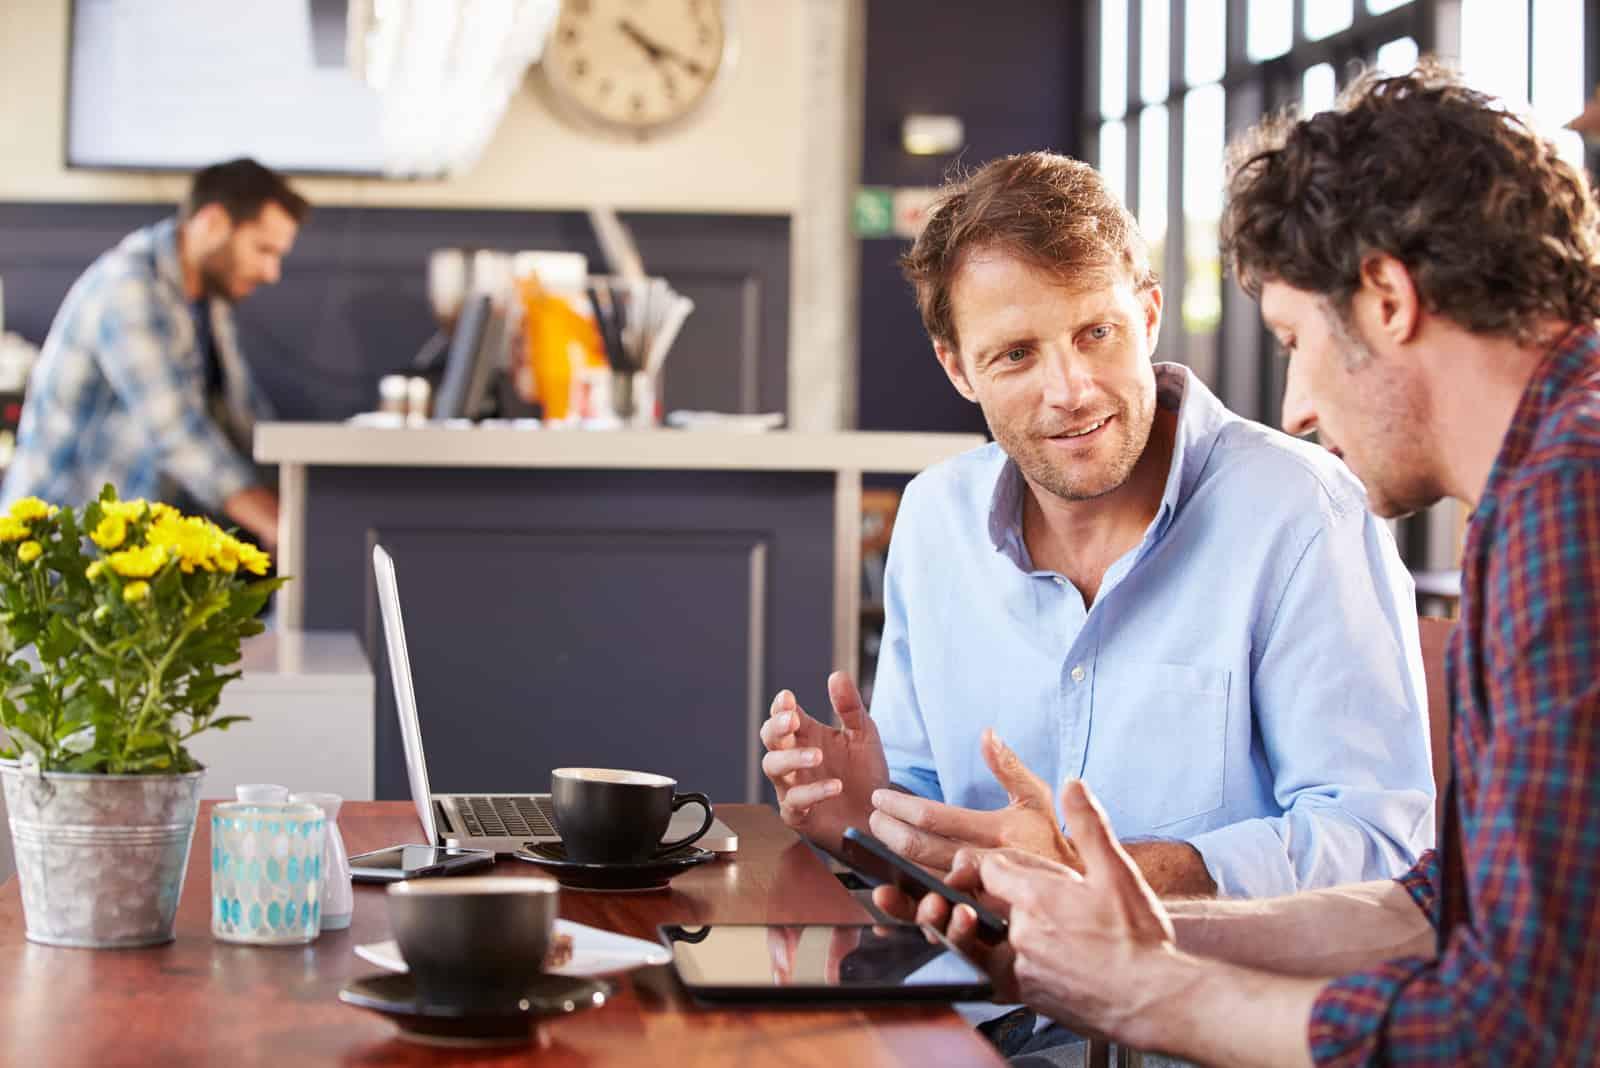 deux hommes sont assis à une table et parlent